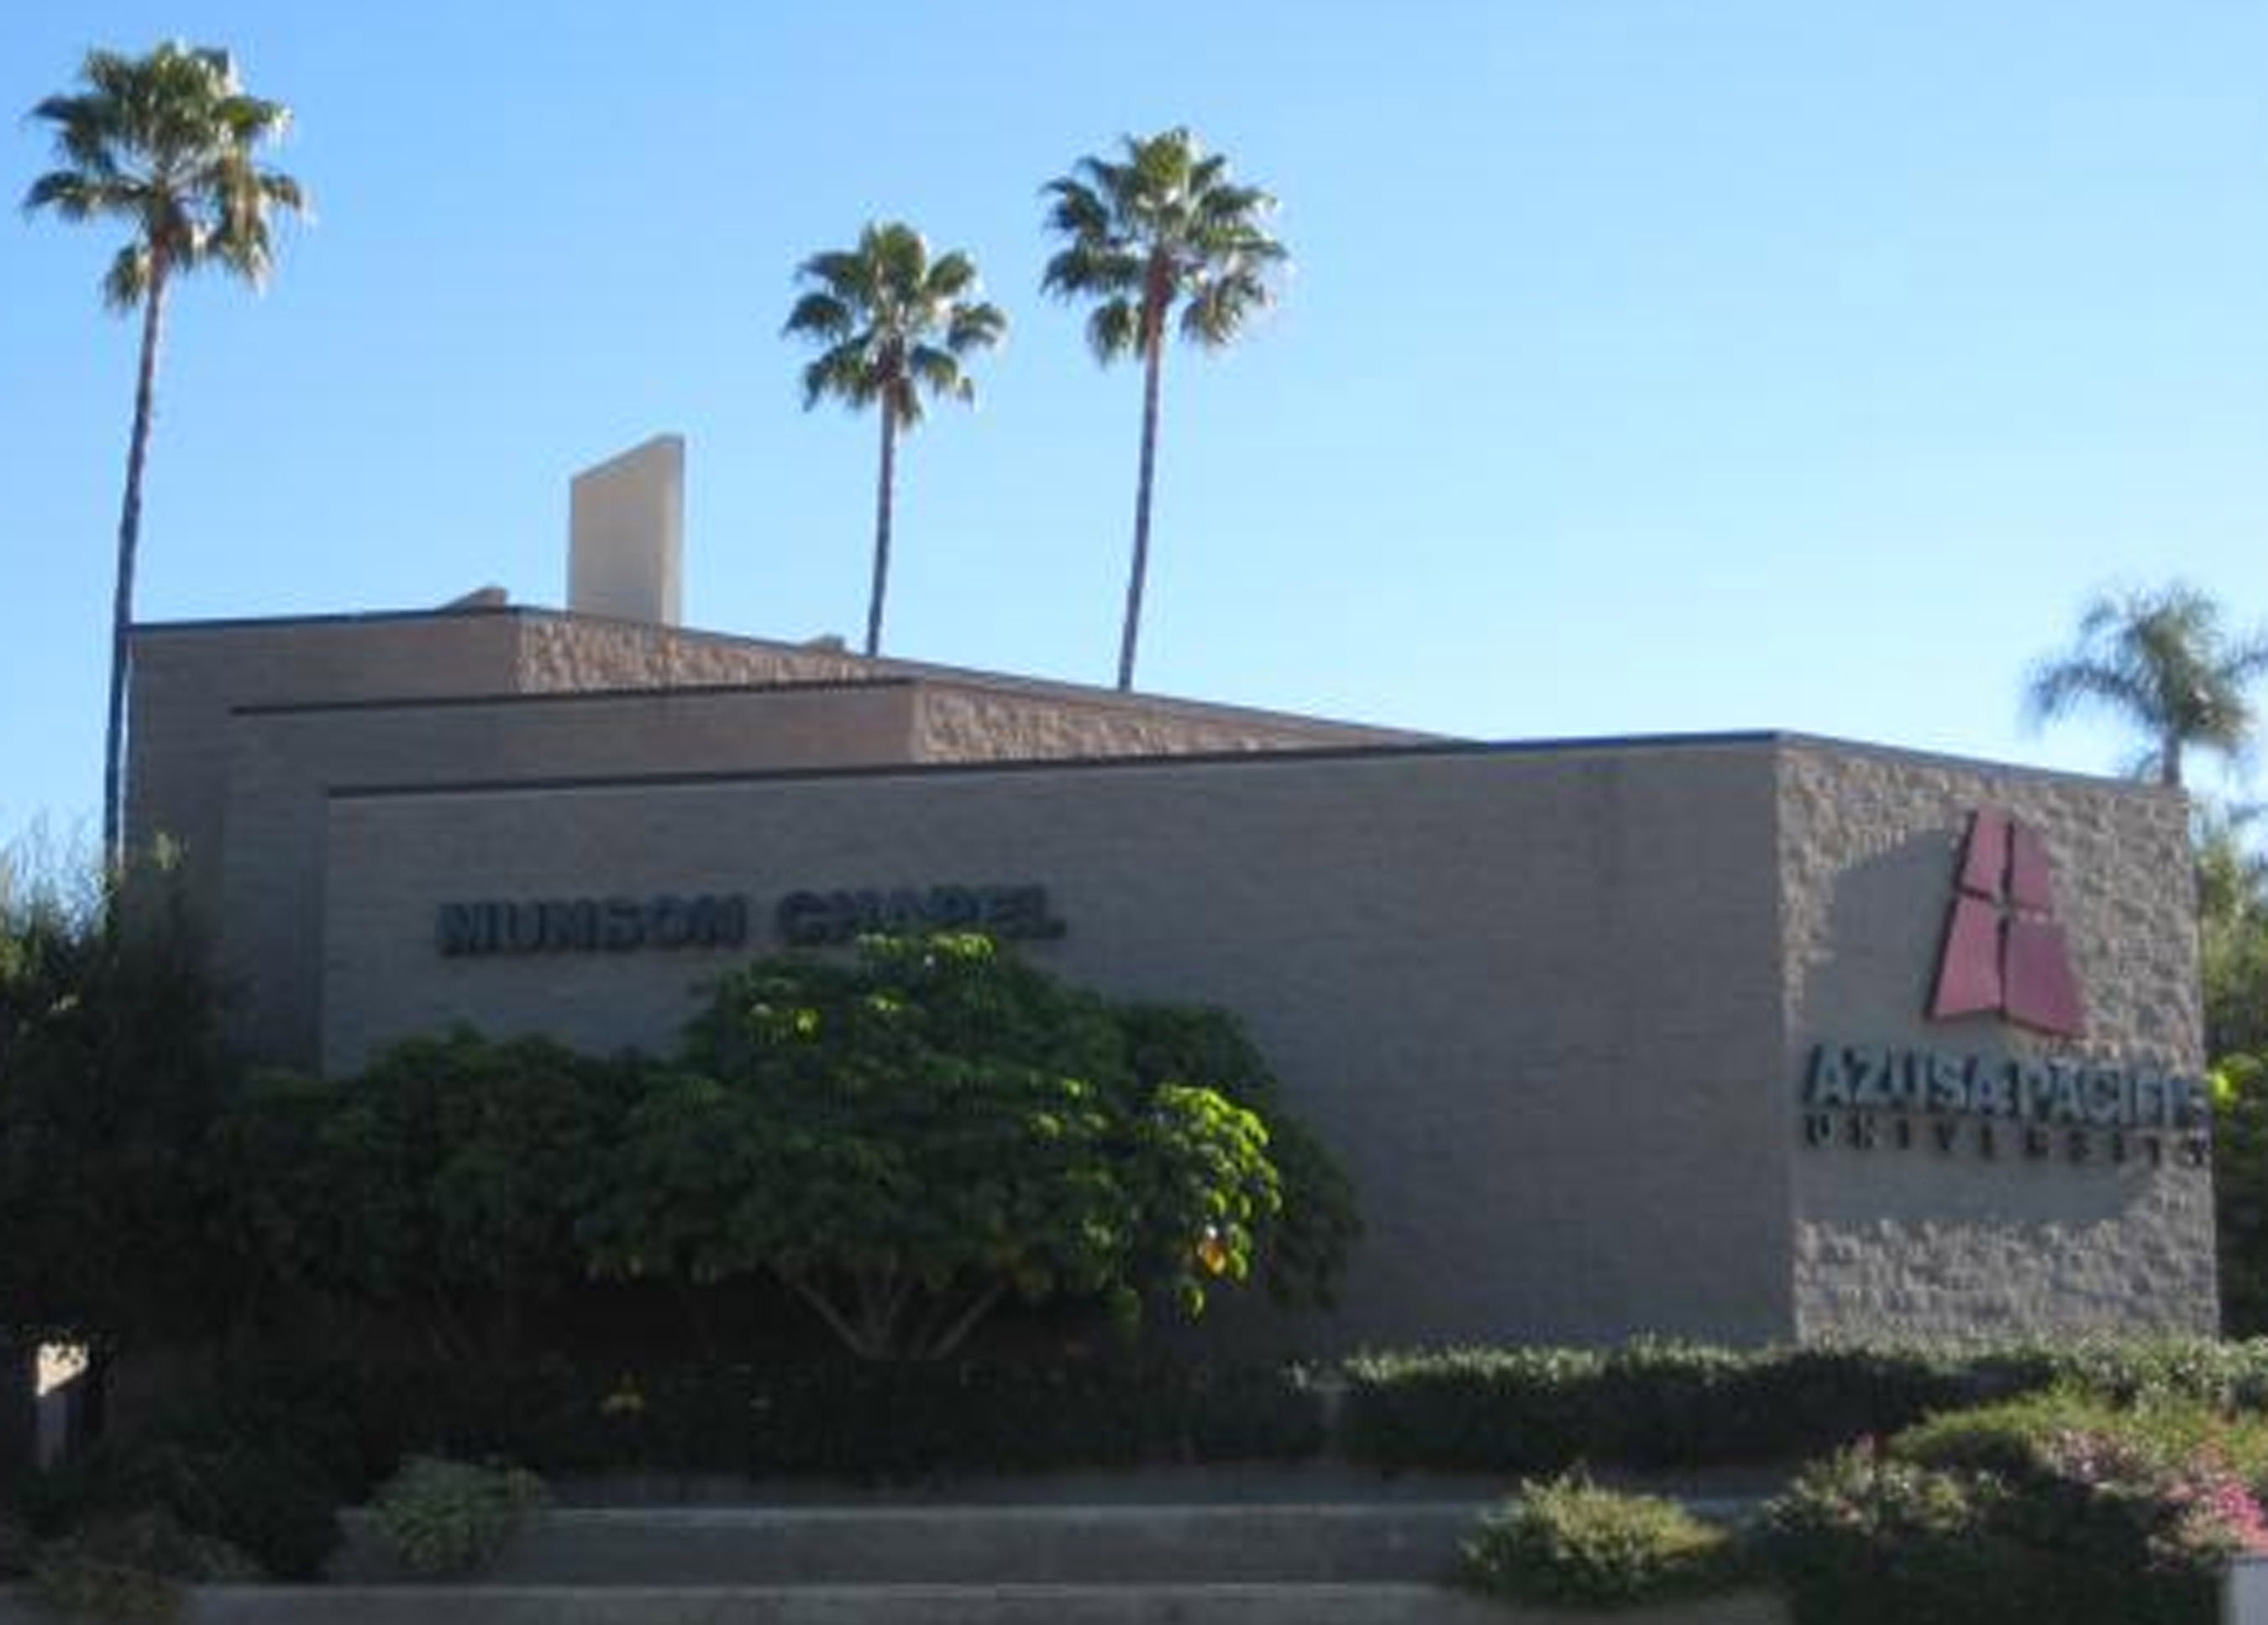 阿祖萨太平洋大学